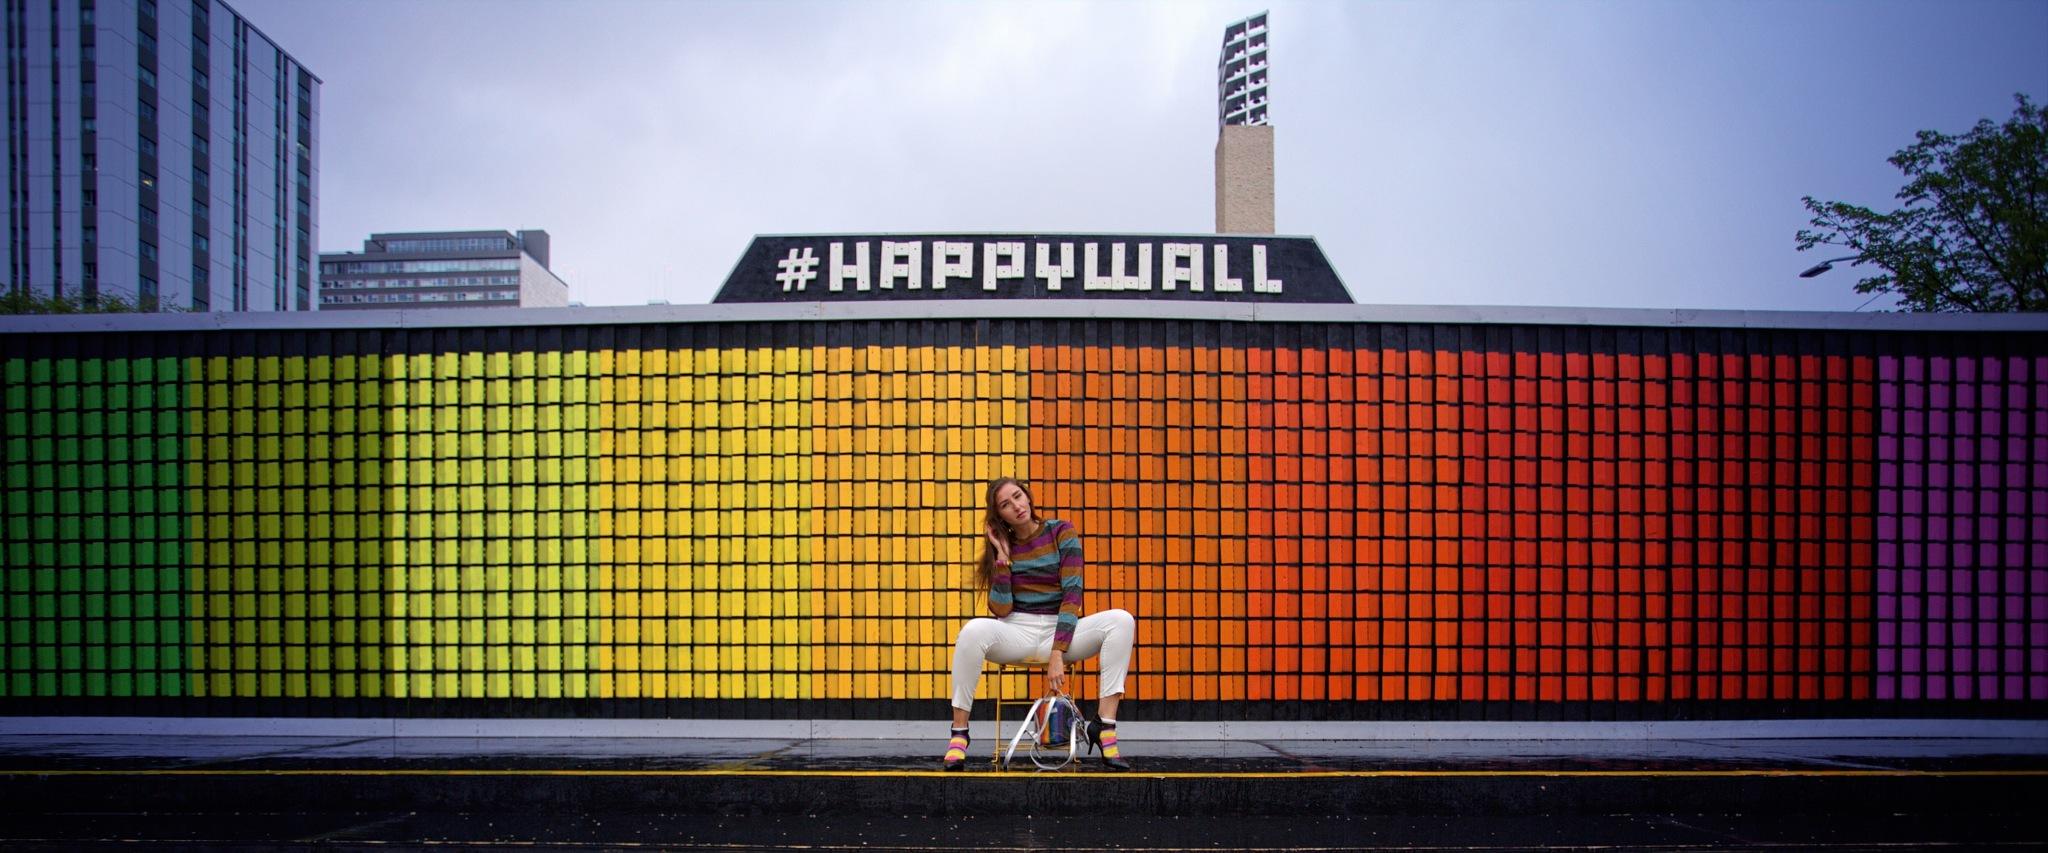 Happy Wall by jeffdwoodward